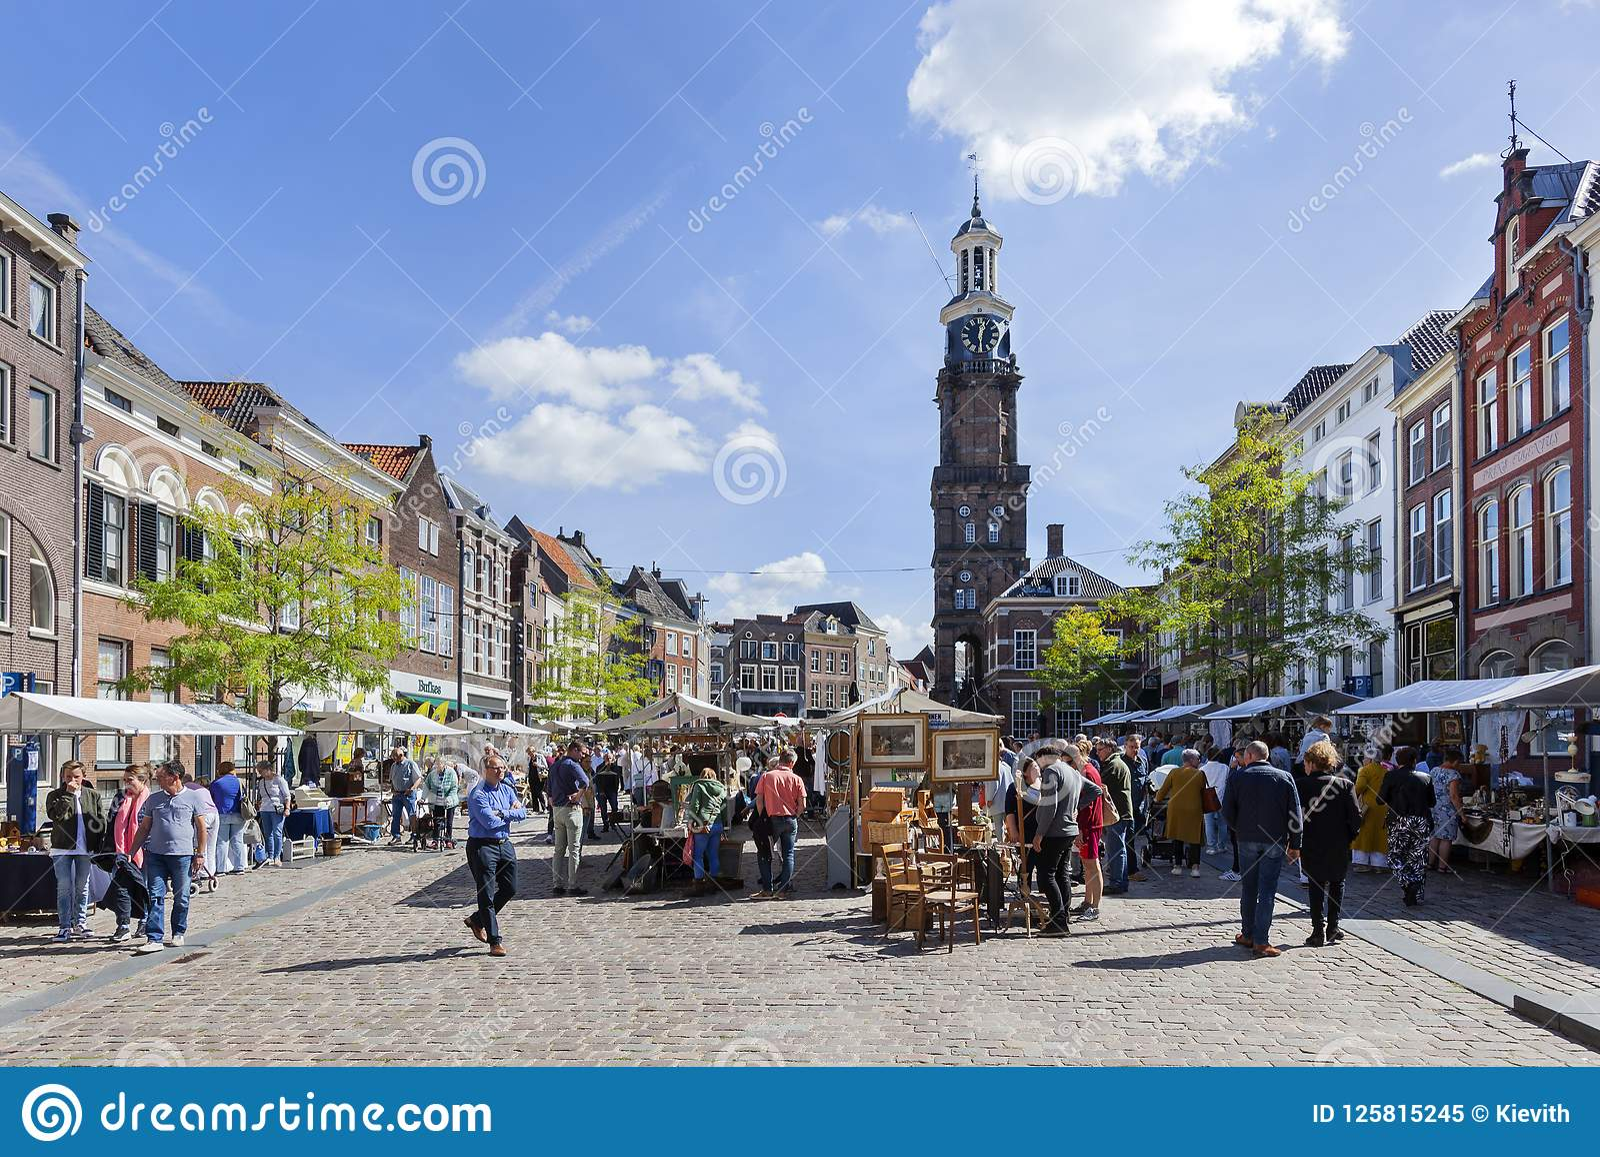 Antiquitätens- und Neugiermarkt auf dem Groenmarkt in Zutphen